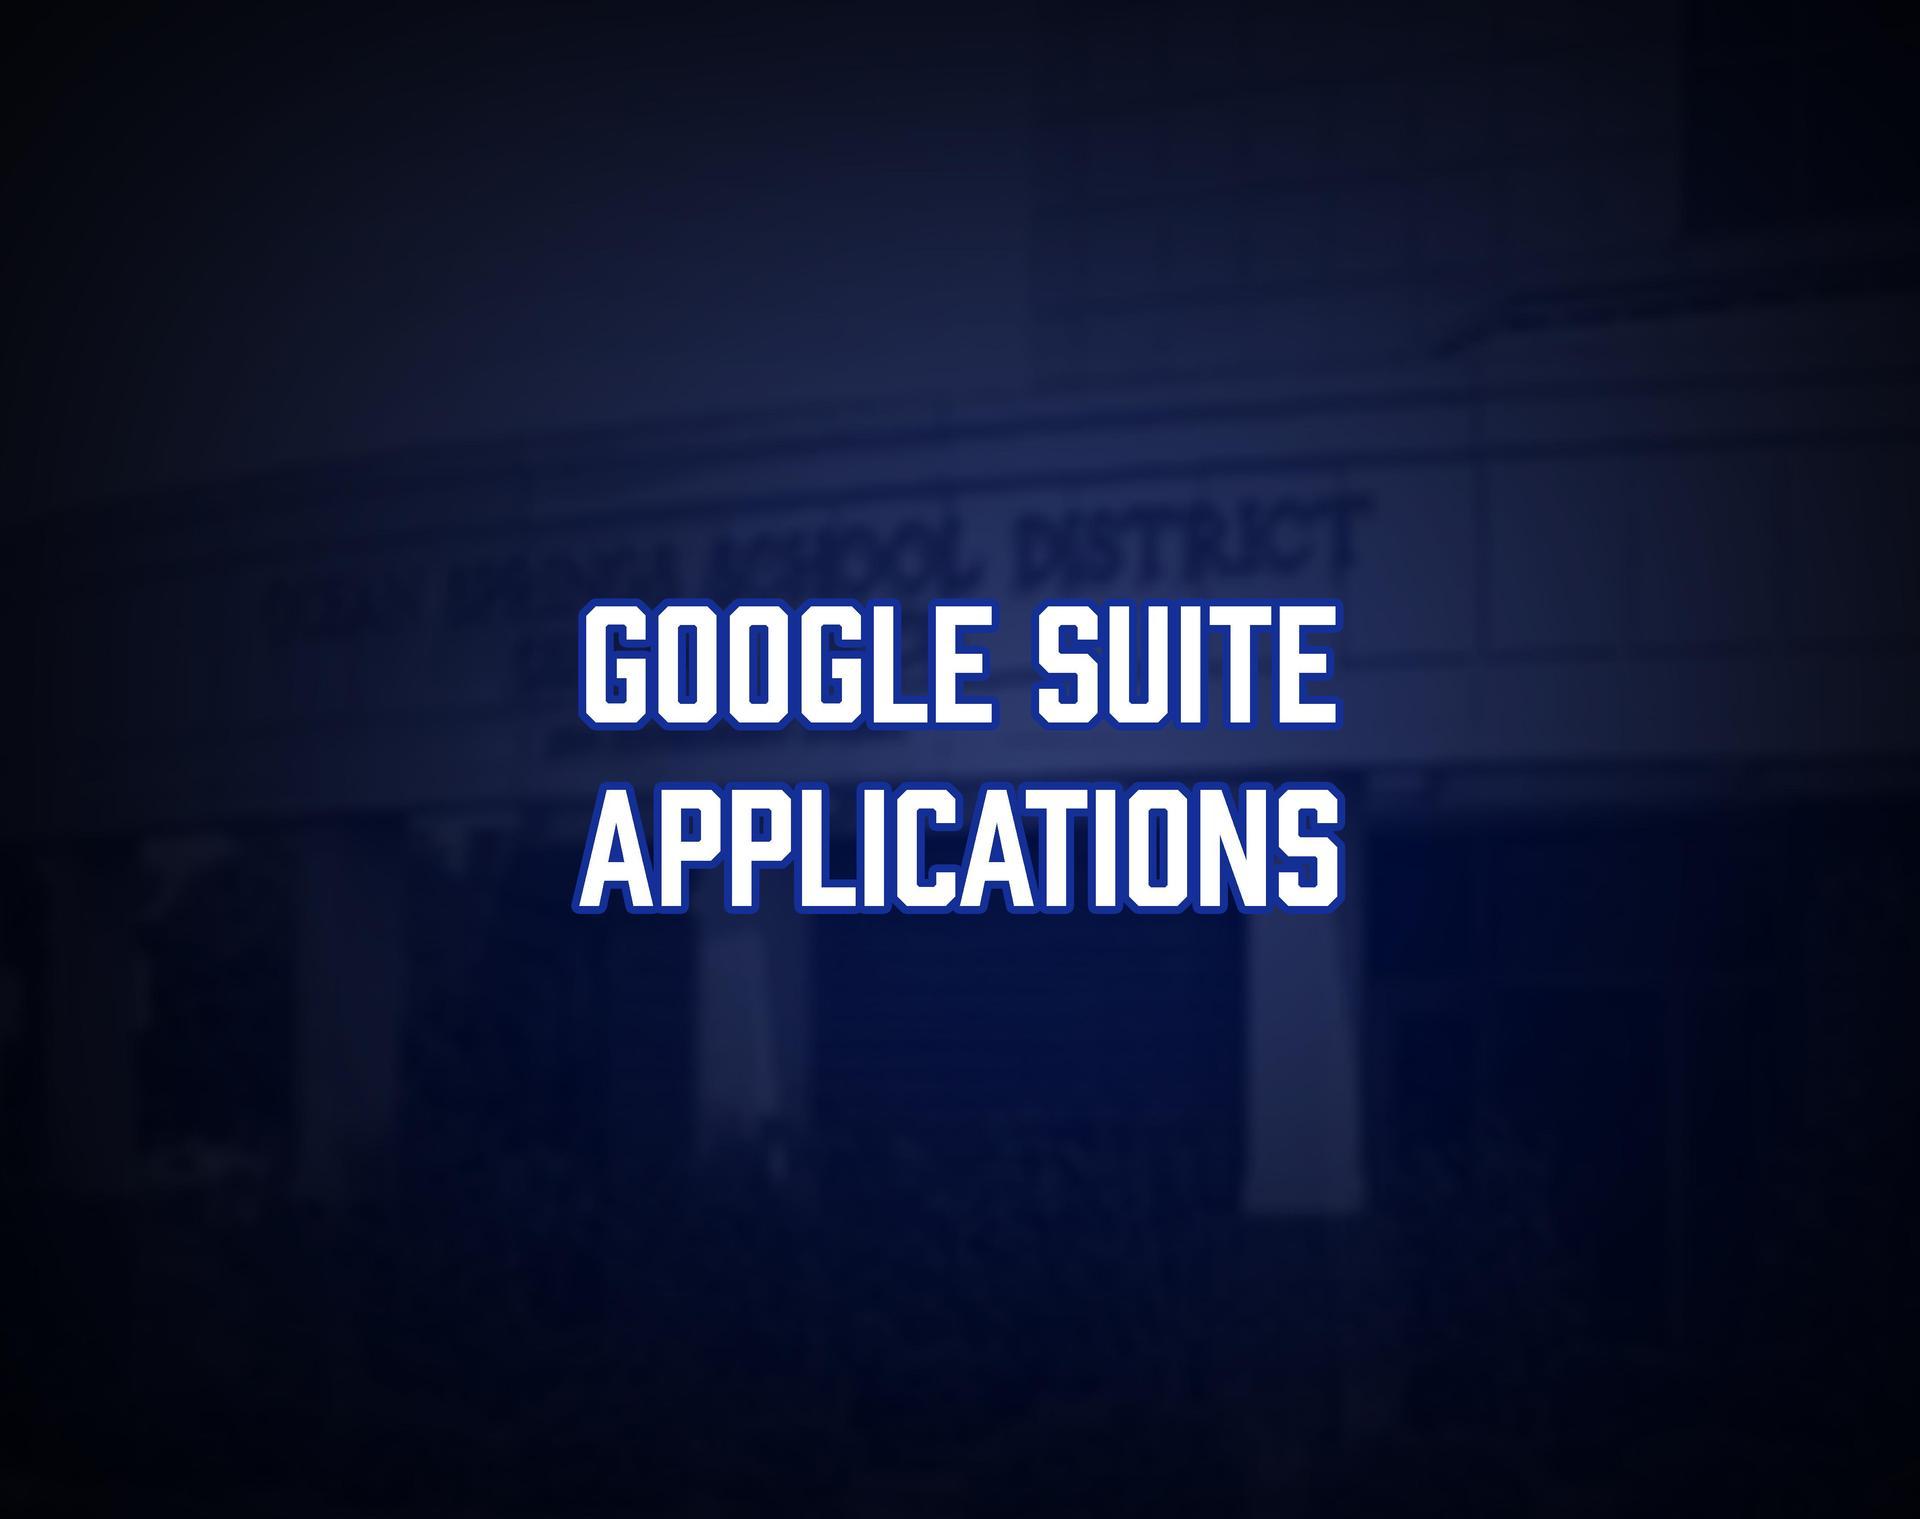 Google Suite Applications